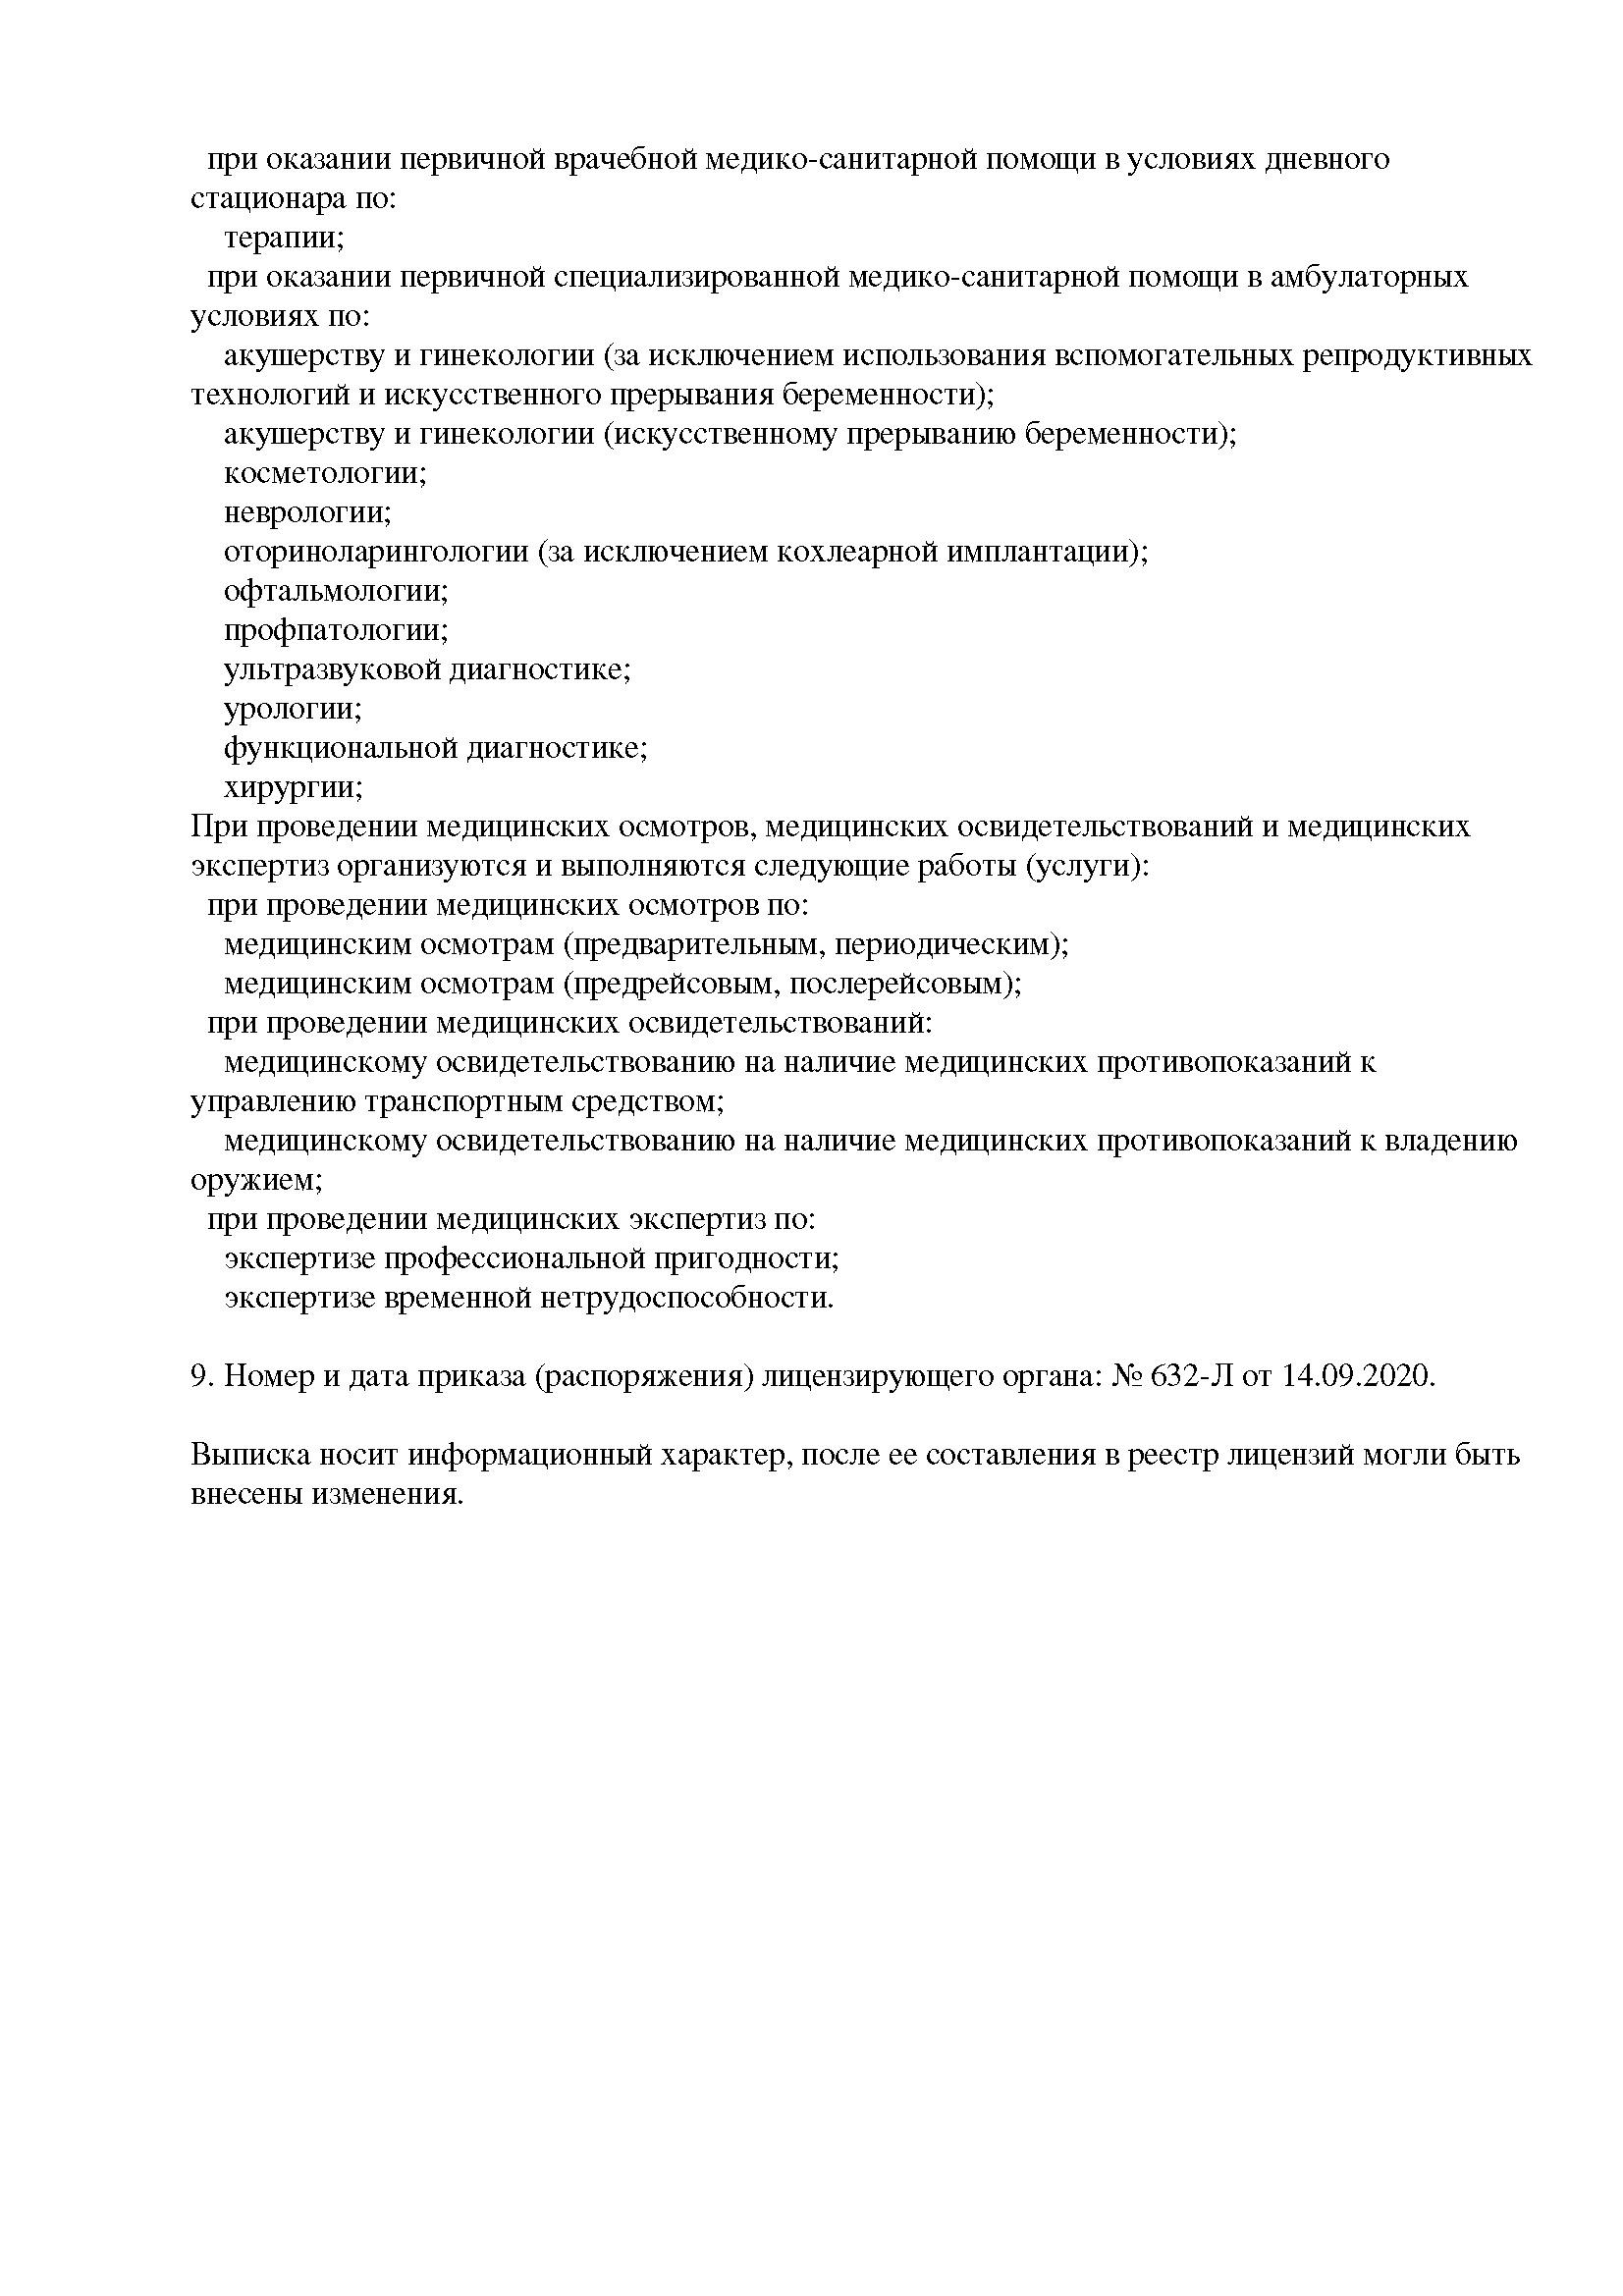 Выписка из реестра ООО «БелМедКлиника» - страница 2